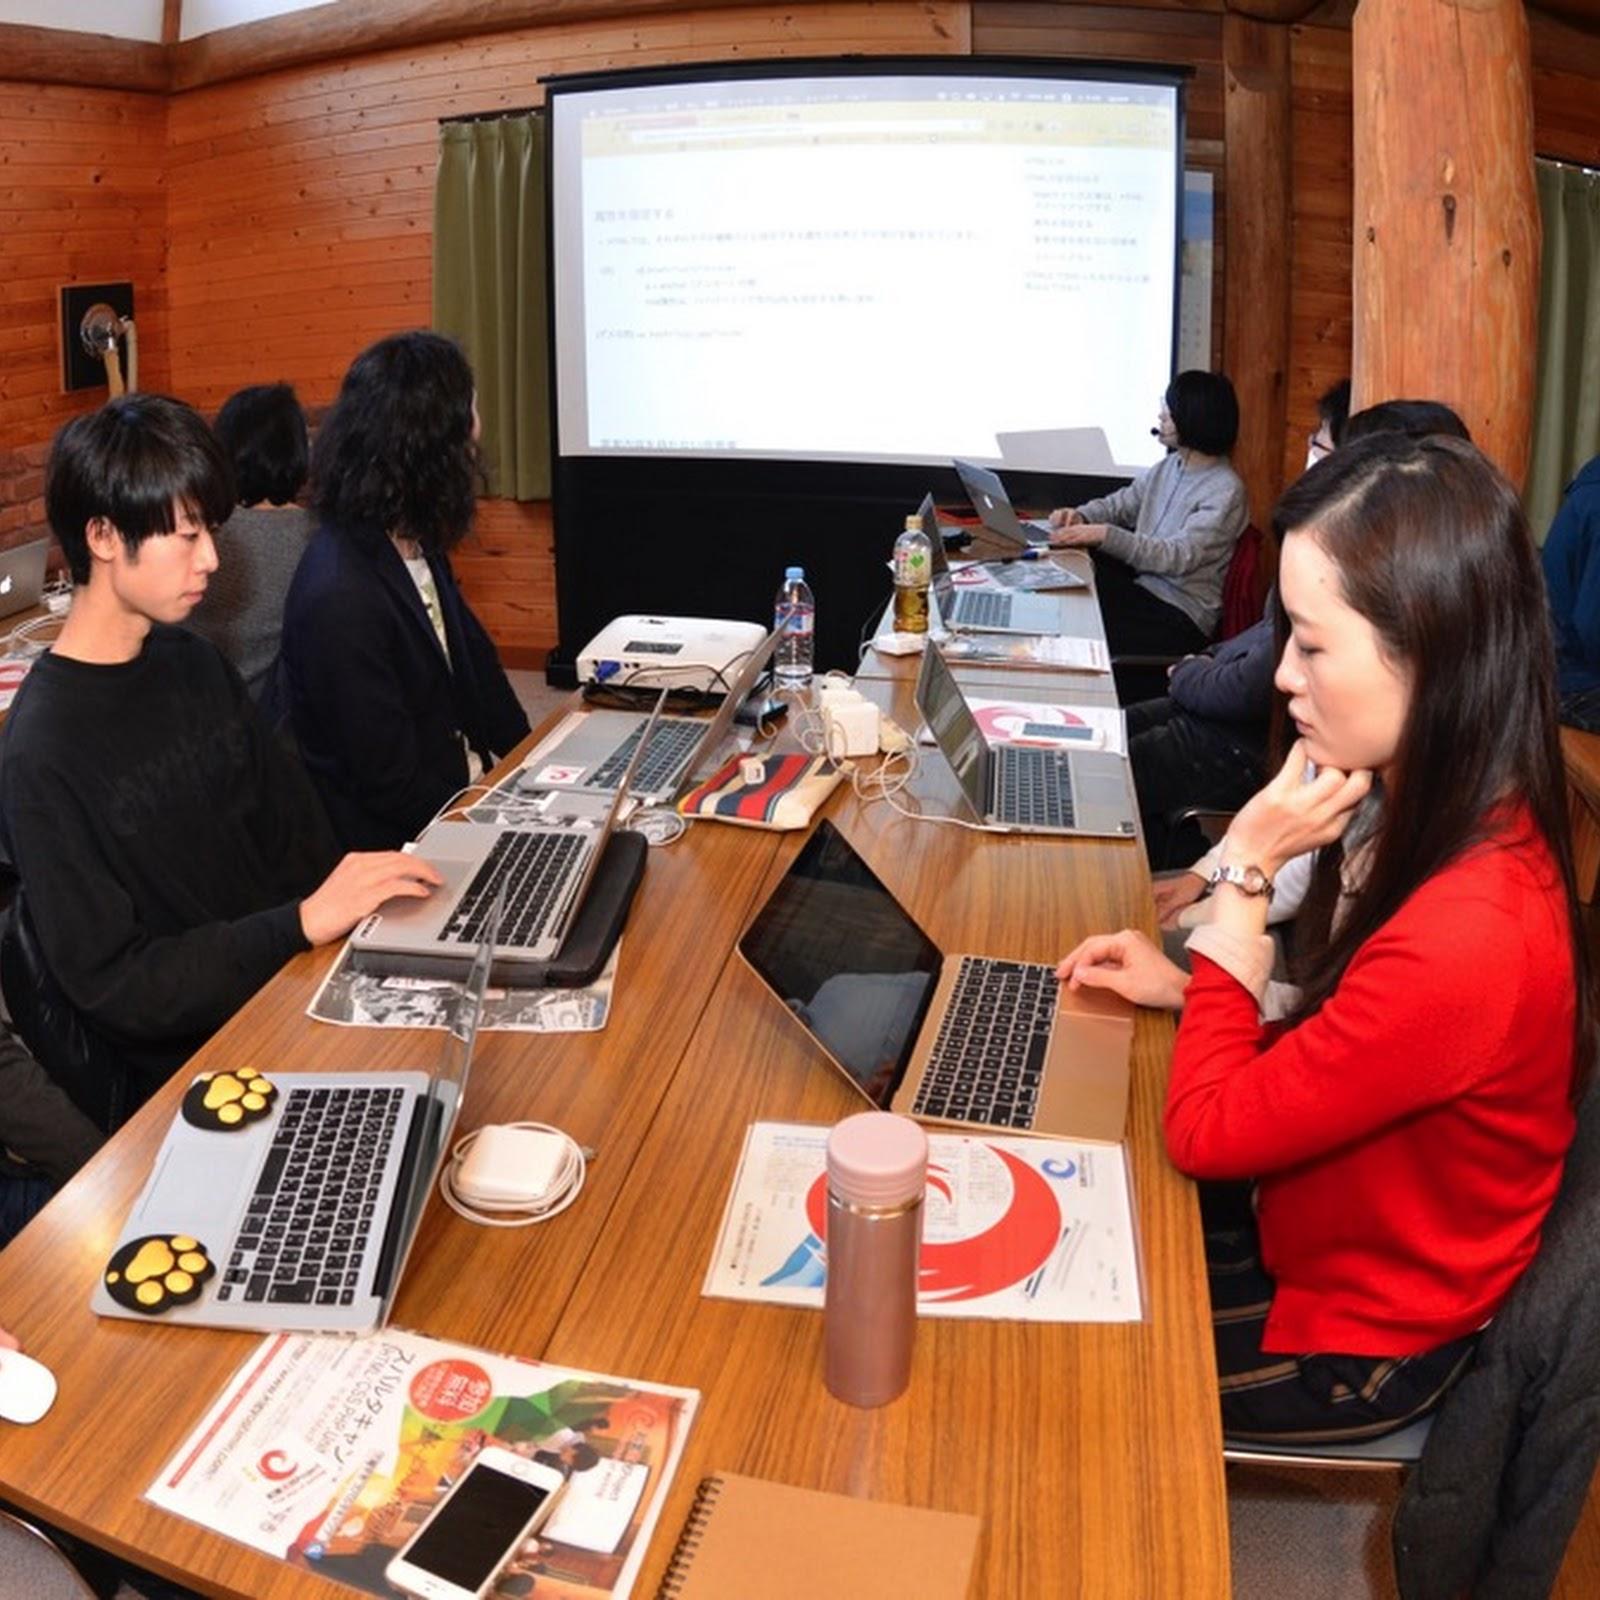 プログラムを学び、確実に人生が変わる8日間!スパルタキャンプin八幡平市 Ruby on Rails・飛躍編を開催